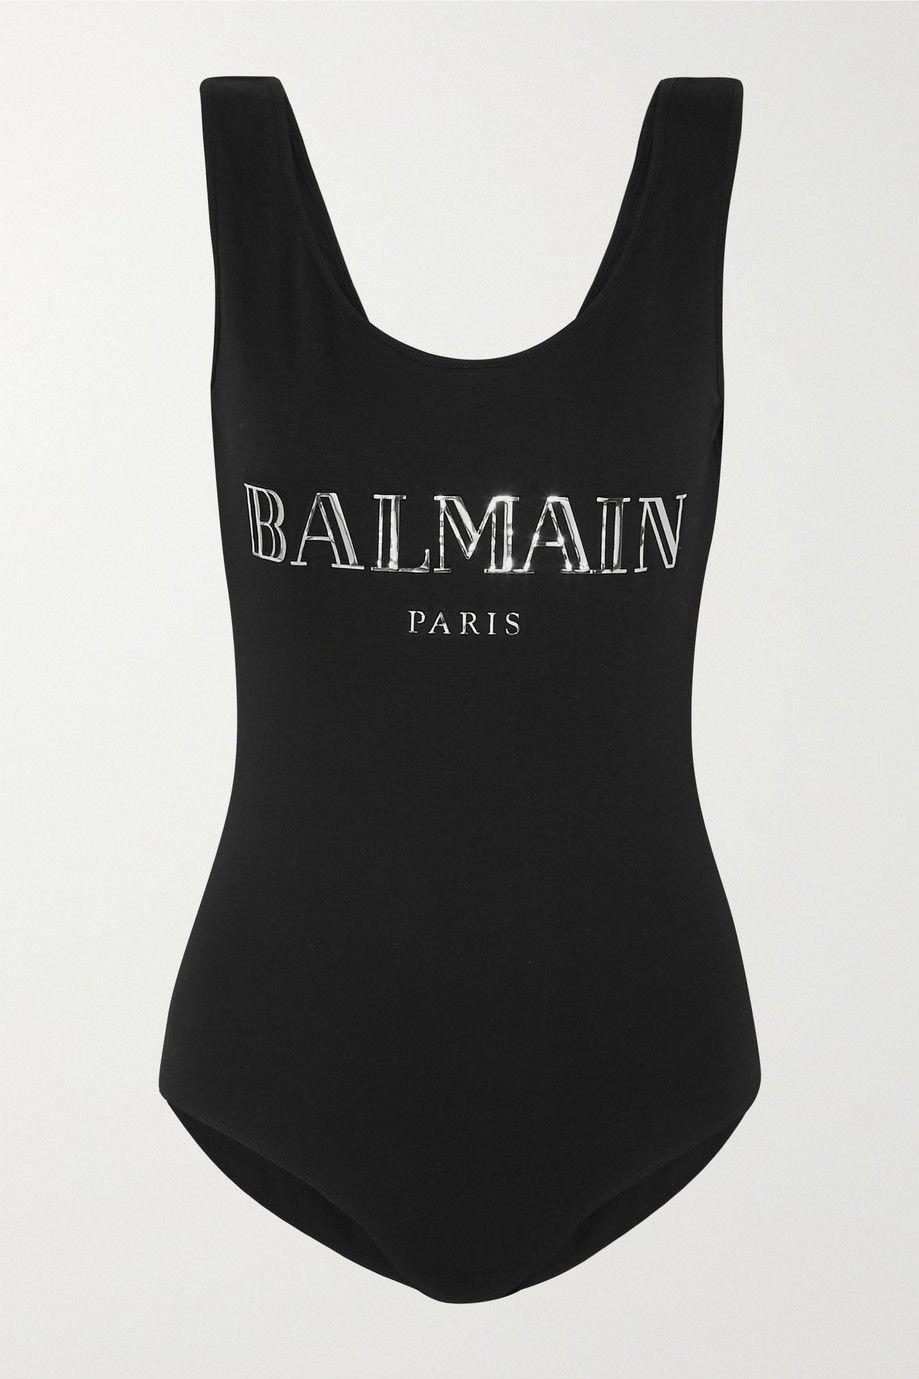 Klikk på bildet for å forstørre. Bodysuit fra Balmain